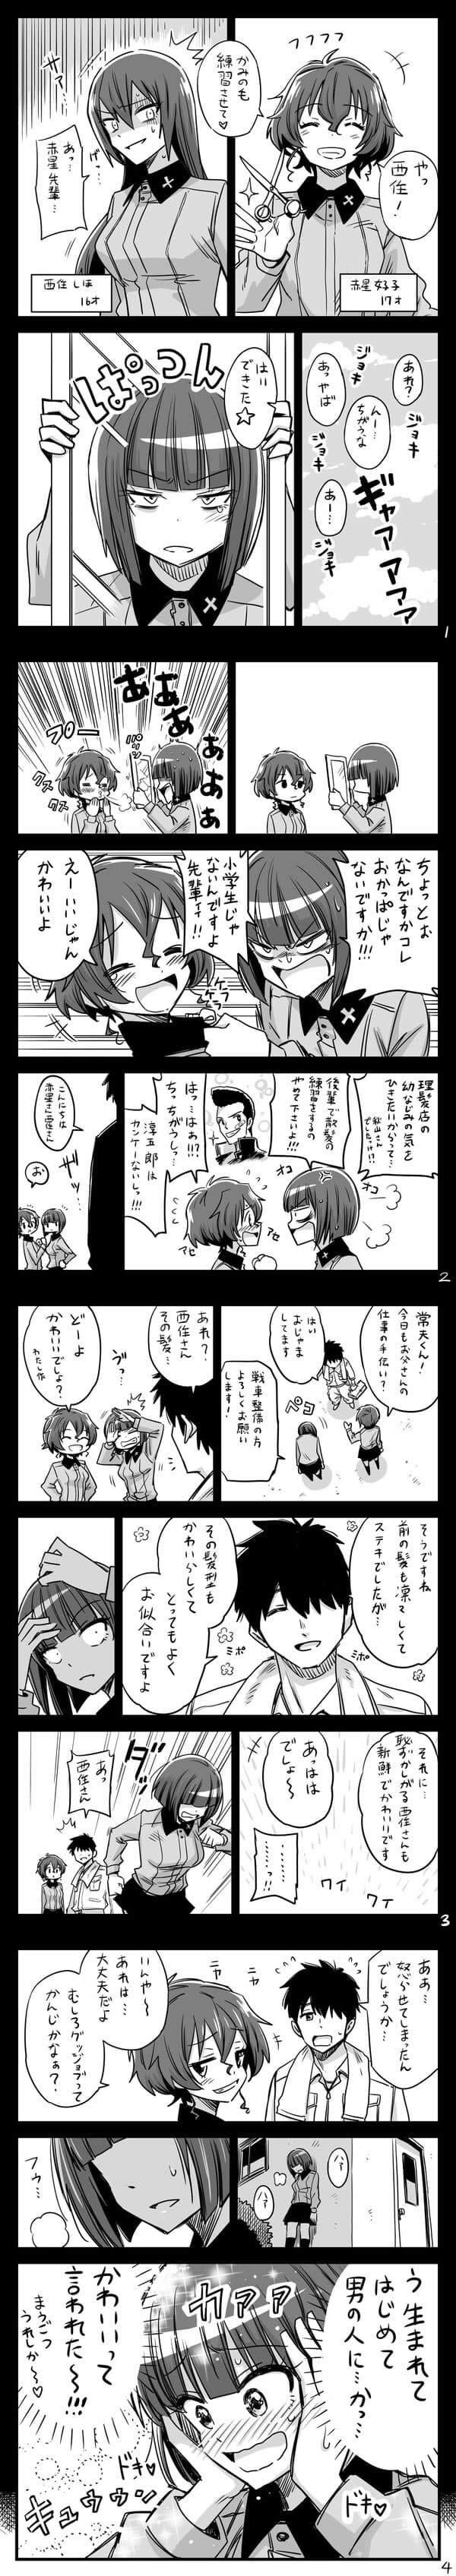 ガールズ&パンツァー 秋山好子 西住しほ 高校時代 常夫 漫画